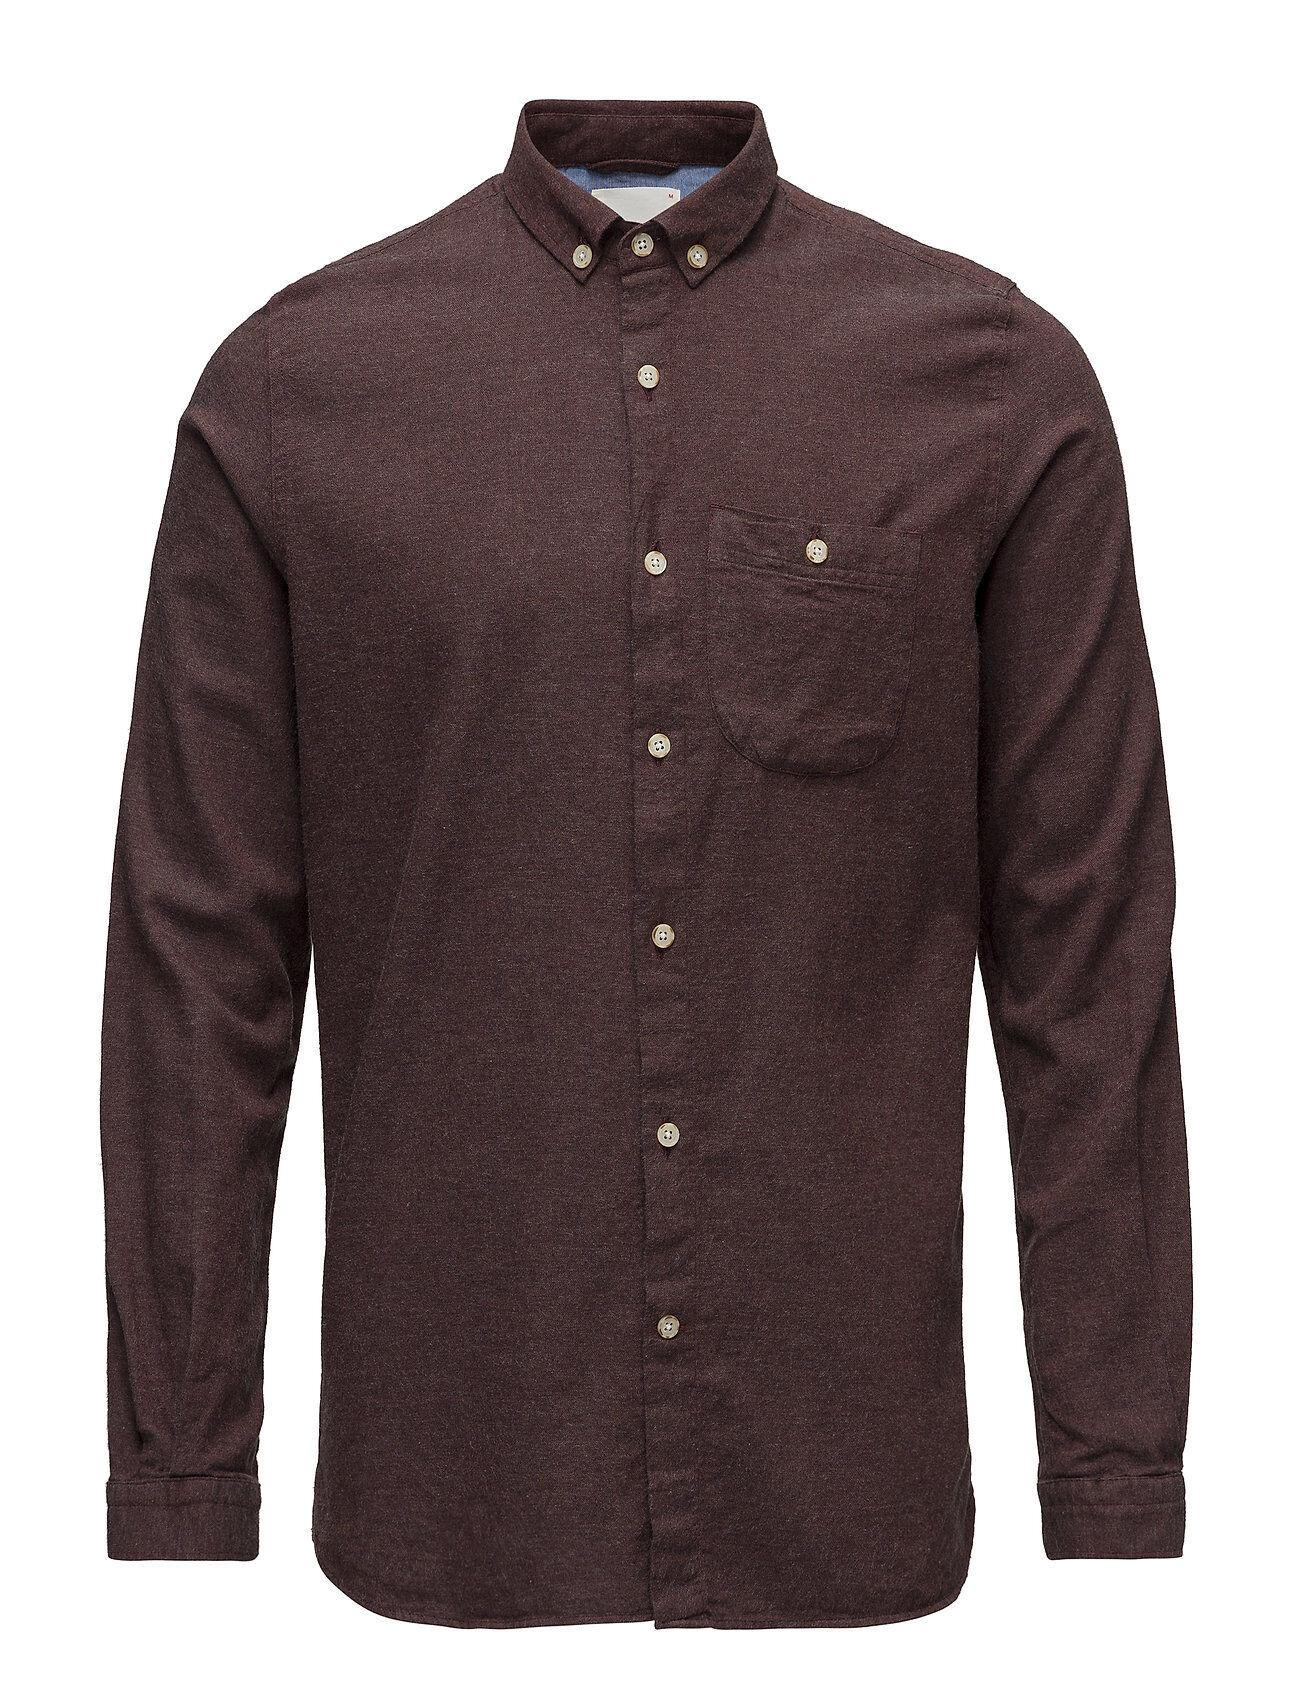 Knowledge Cotton Apparel Melange Effect Flannel Shirt - Gots